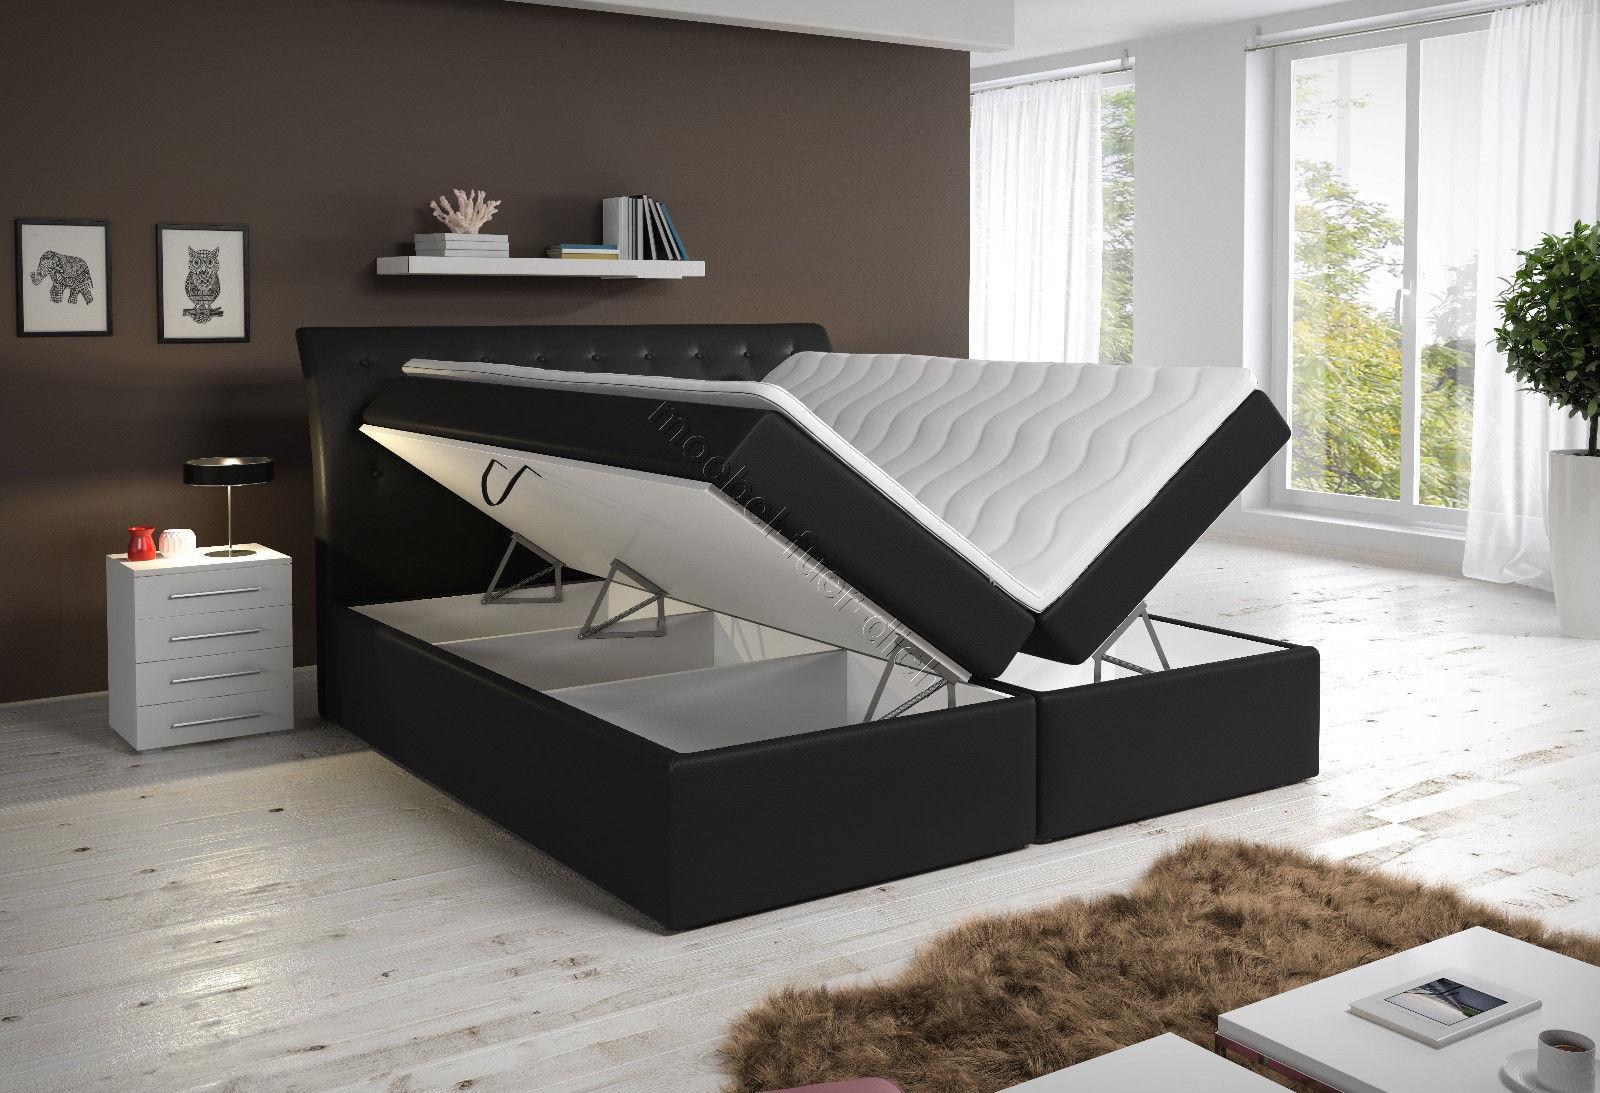 Boxspringbett Kunstlederbett Roxy mit zwei Bettkasten weiß oder schwarz